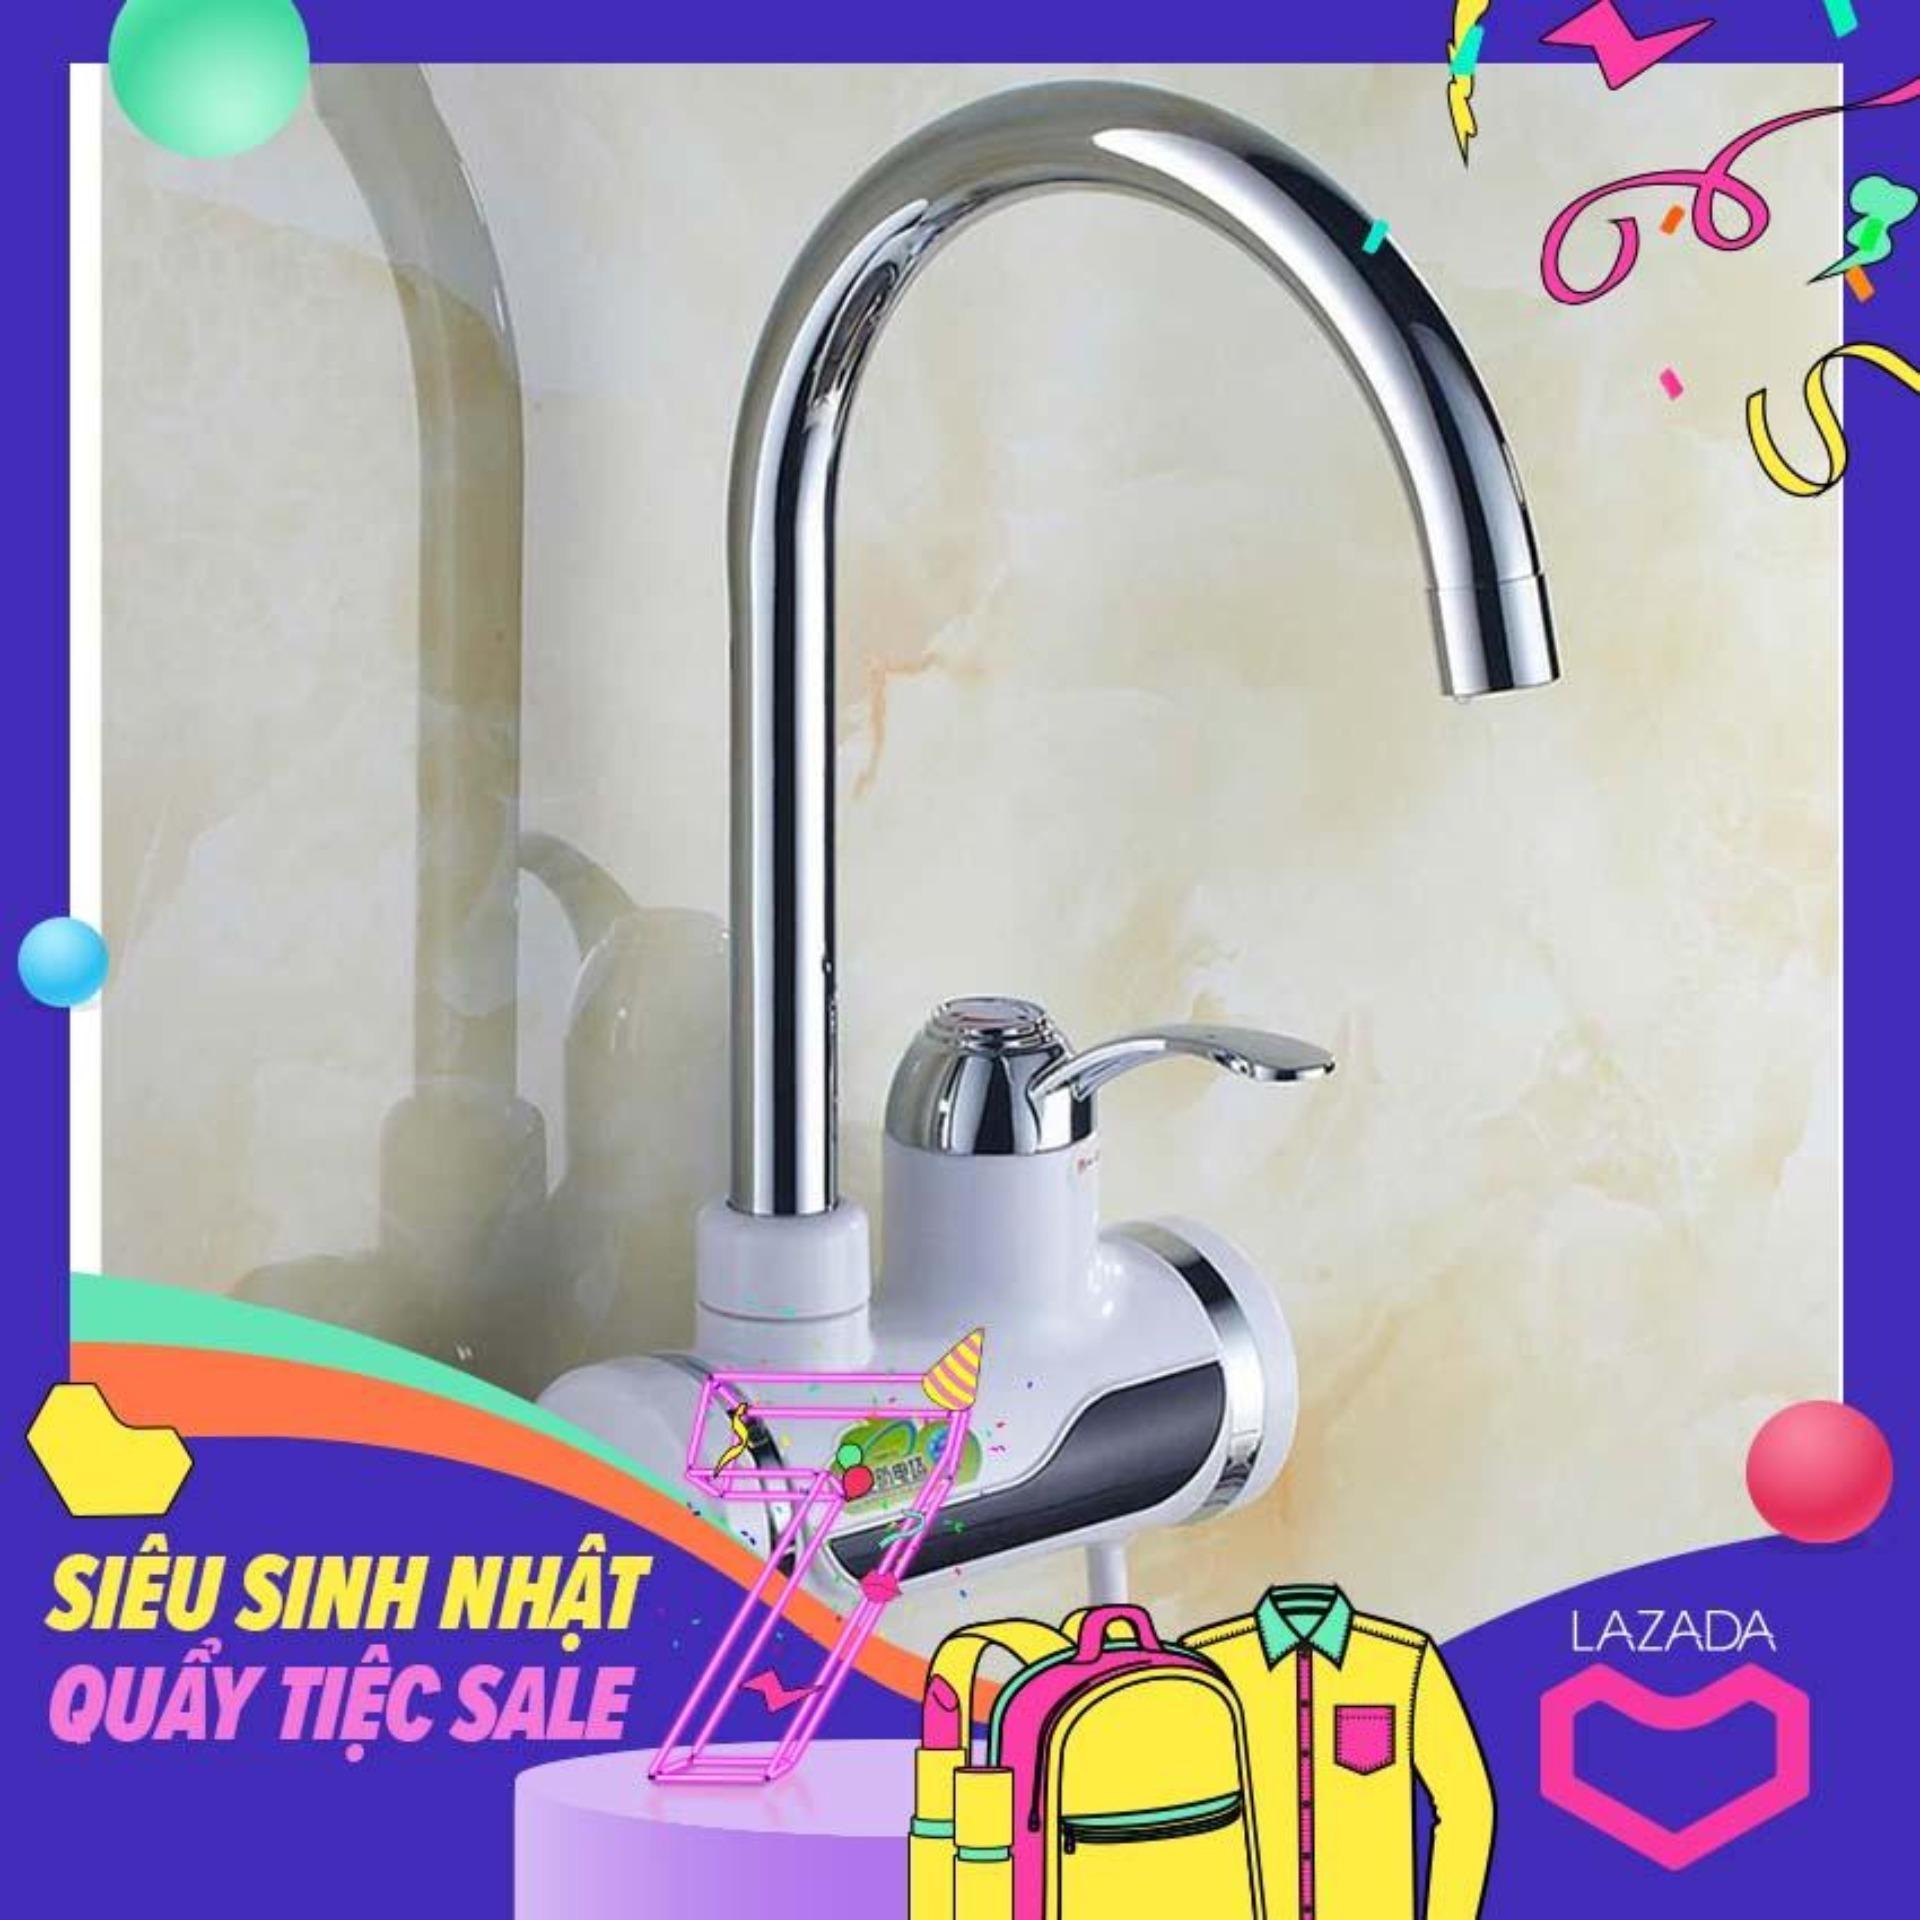 Bình nóng lạnh giá rẻ, Máy làm nóng nước trực tiếp tại vòi gắn tường tiện lợi. Giảm tới 50% khi mua online ngay HÔM NAY